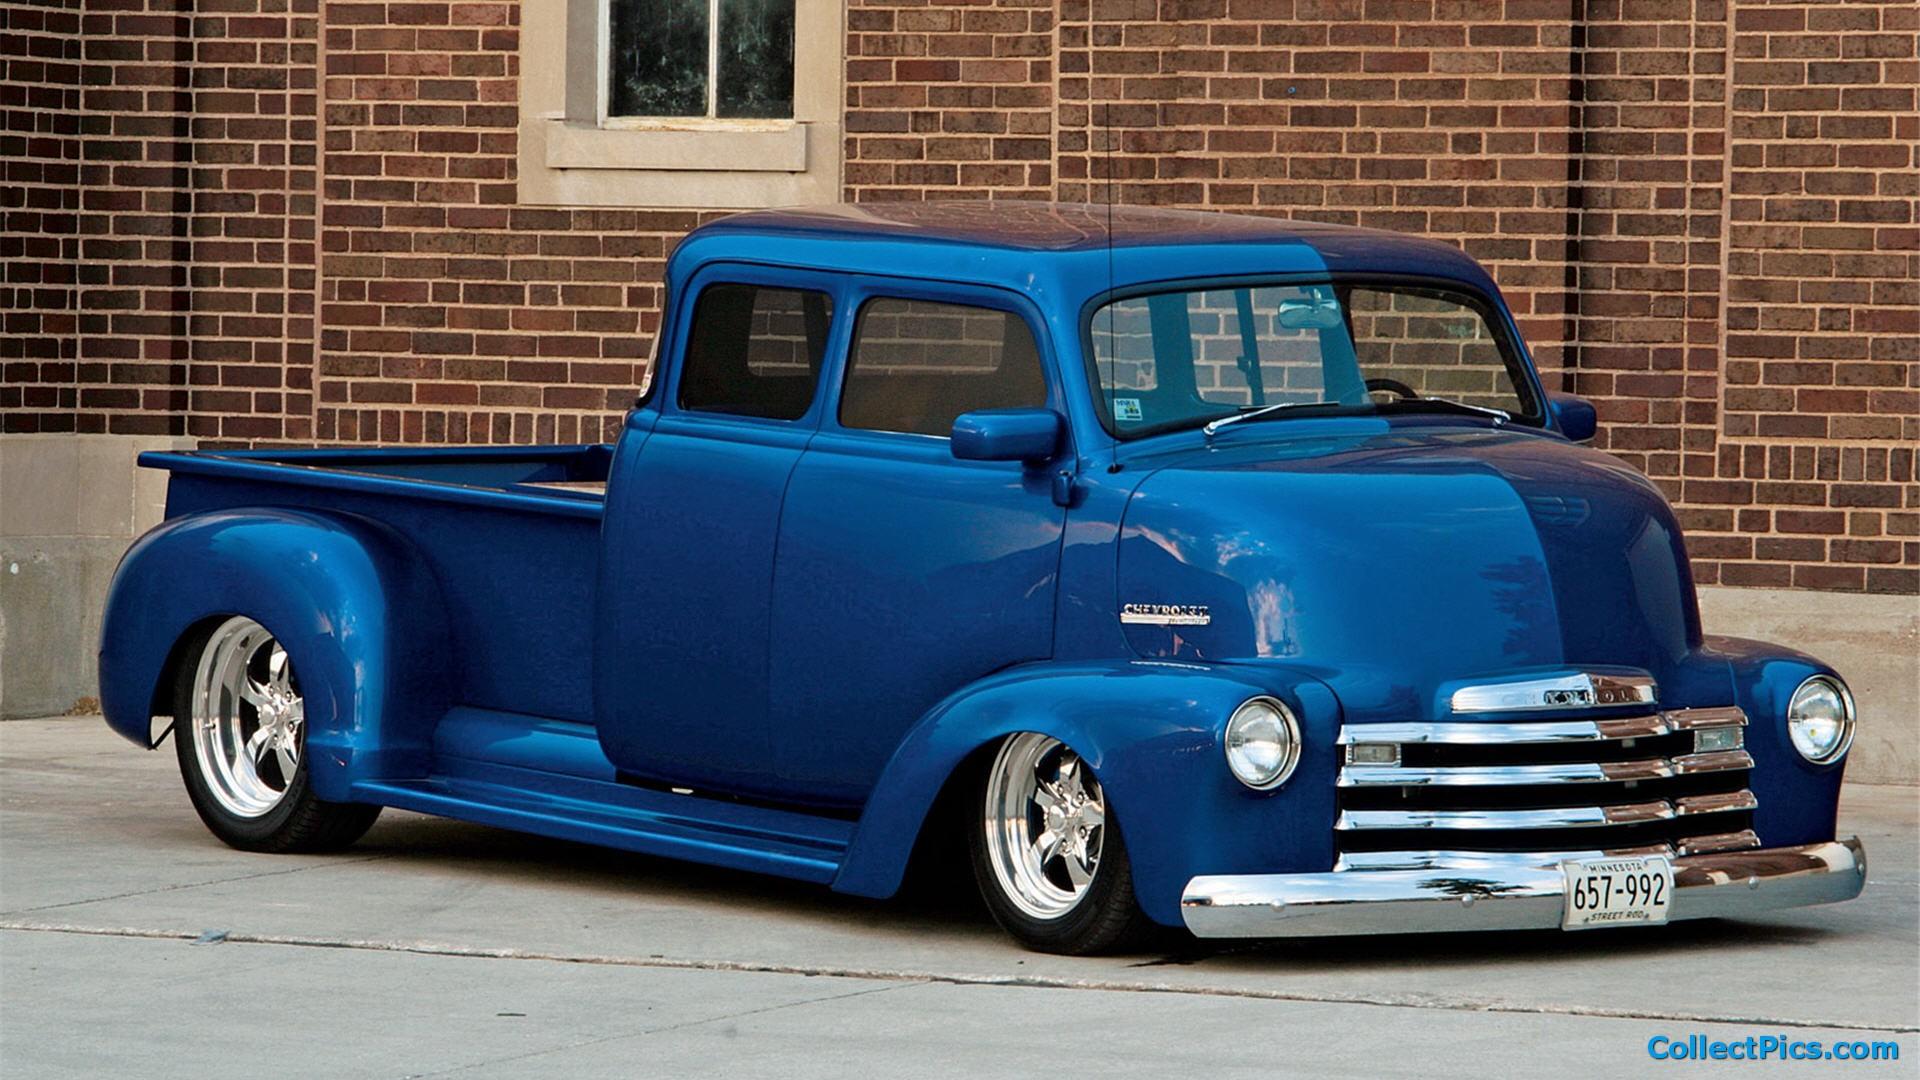 Custom Truck Wallpaper HD 1920x1080 4745 1920x1080